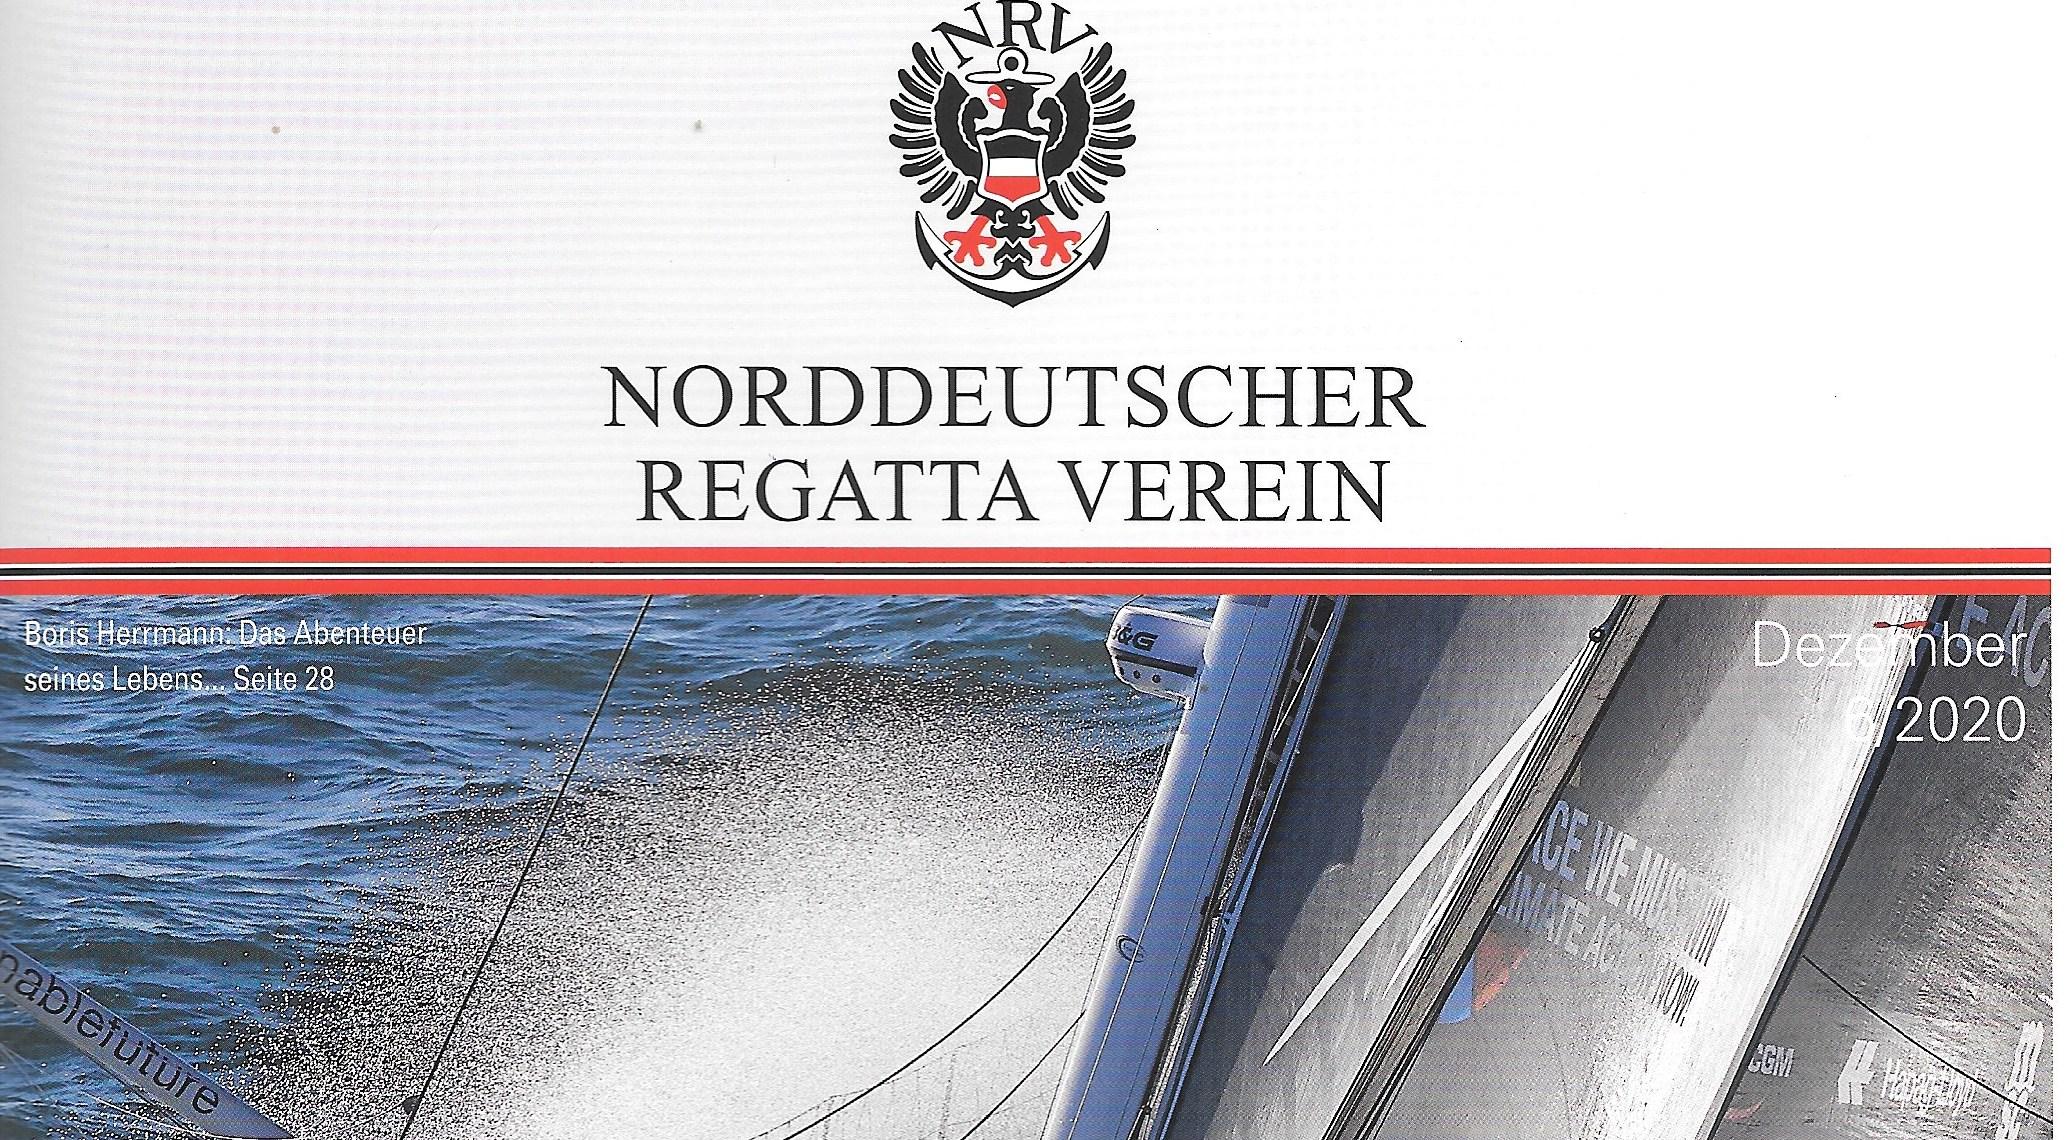 NRV-Mitglied Peter Eckhardt über seine erste 2.4mR-Regatta